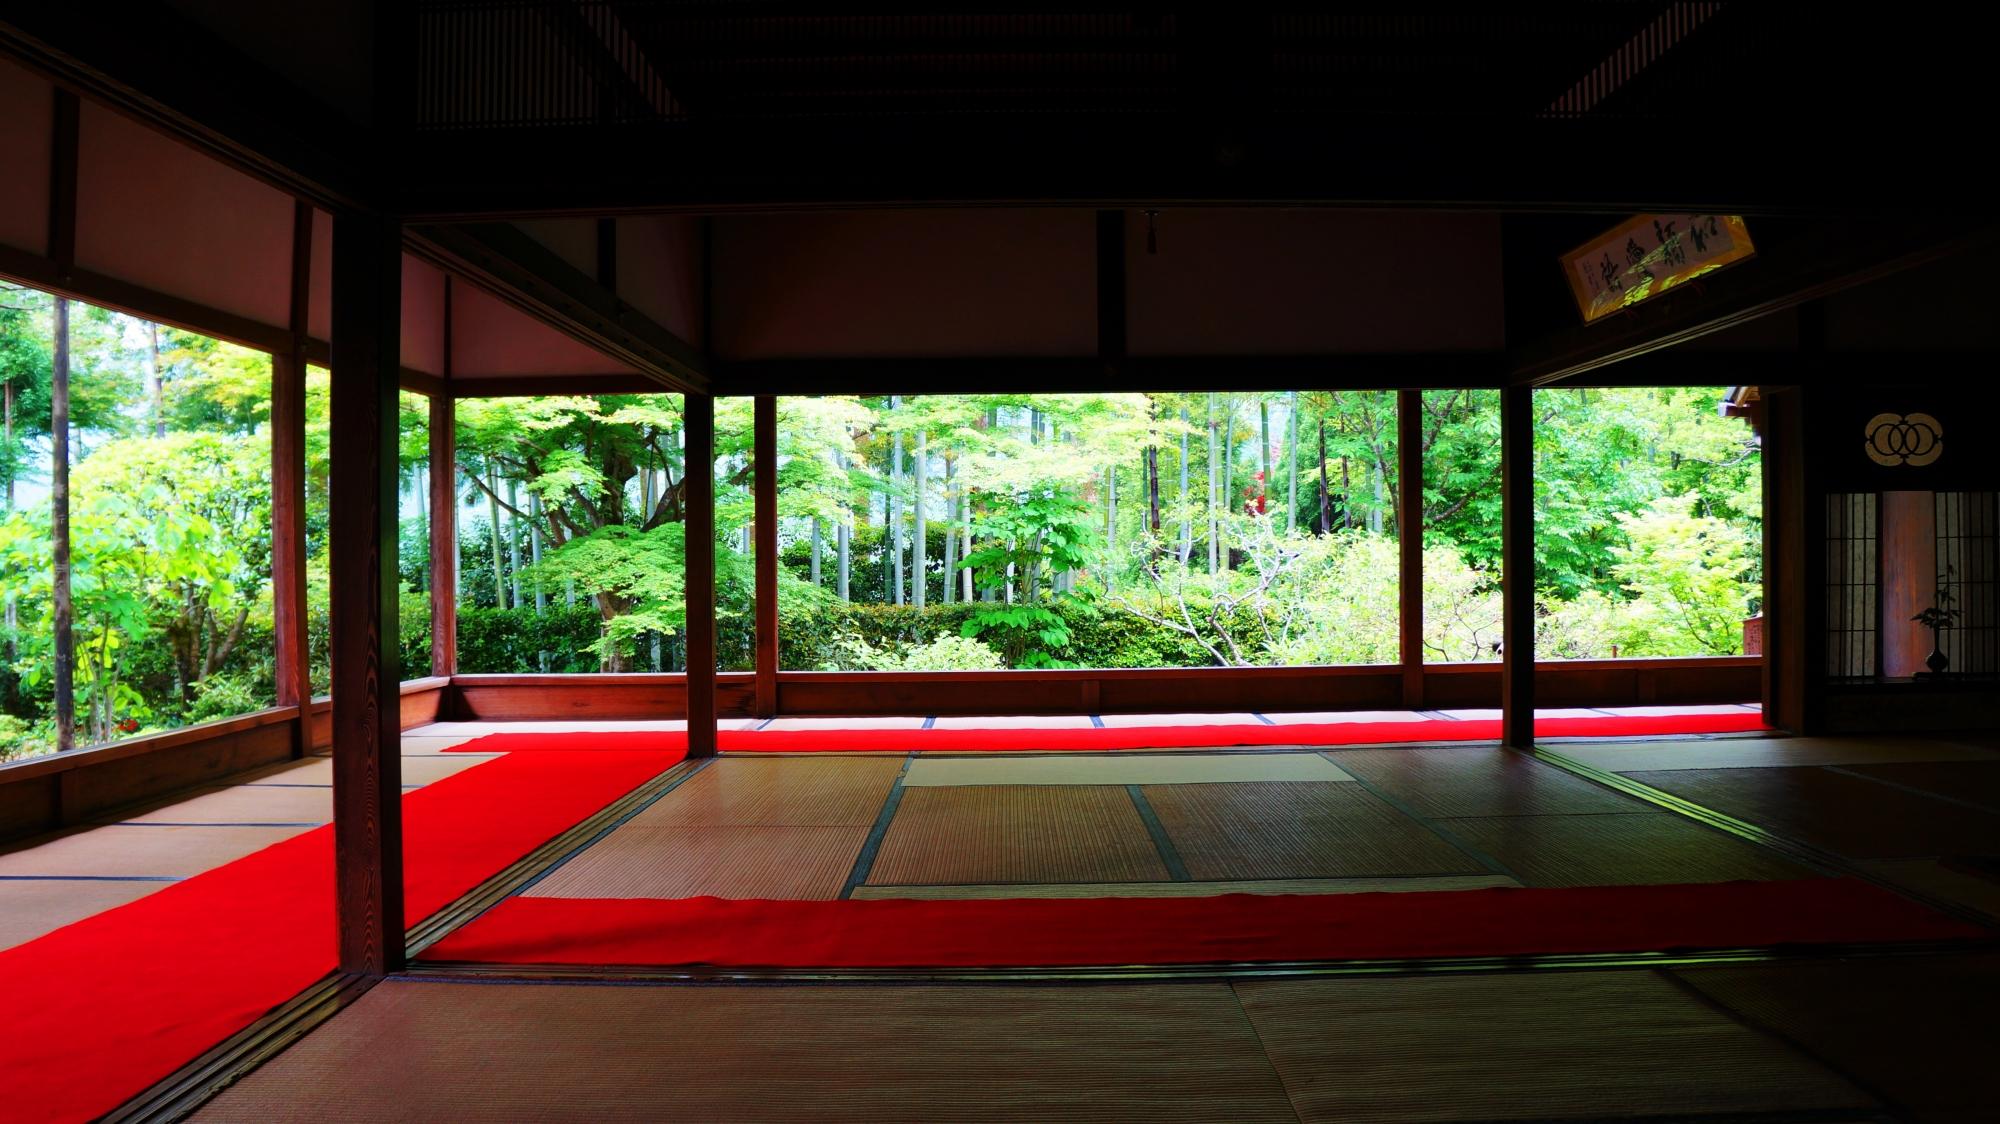 宝泉院 新緑と青もみじ 大原の額縁の庭園